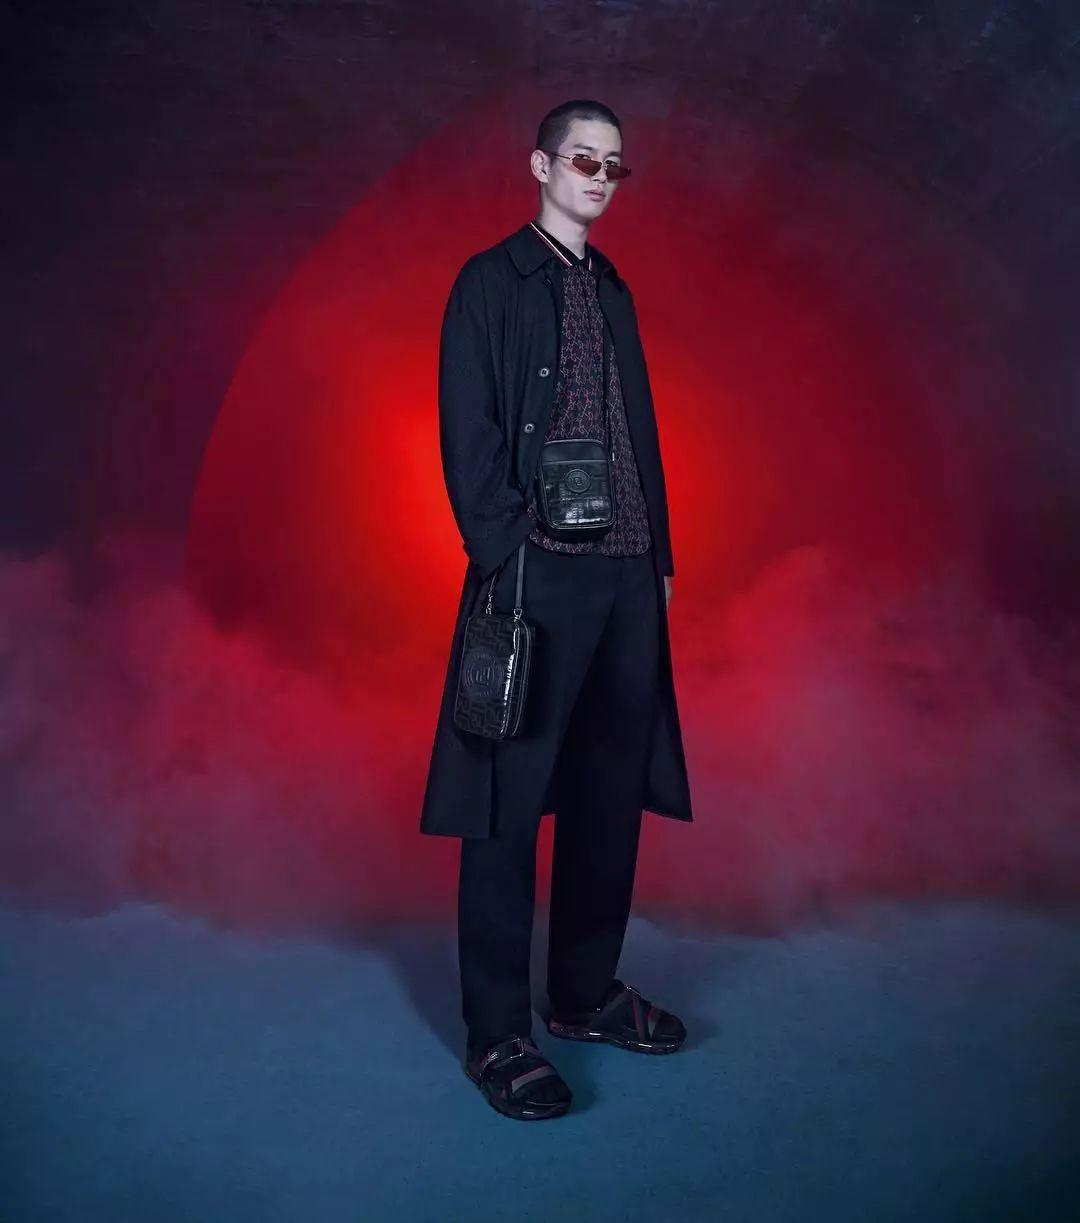 最强亚洲男模Kohei喜提Louis Vuitton广告,又Slay了!